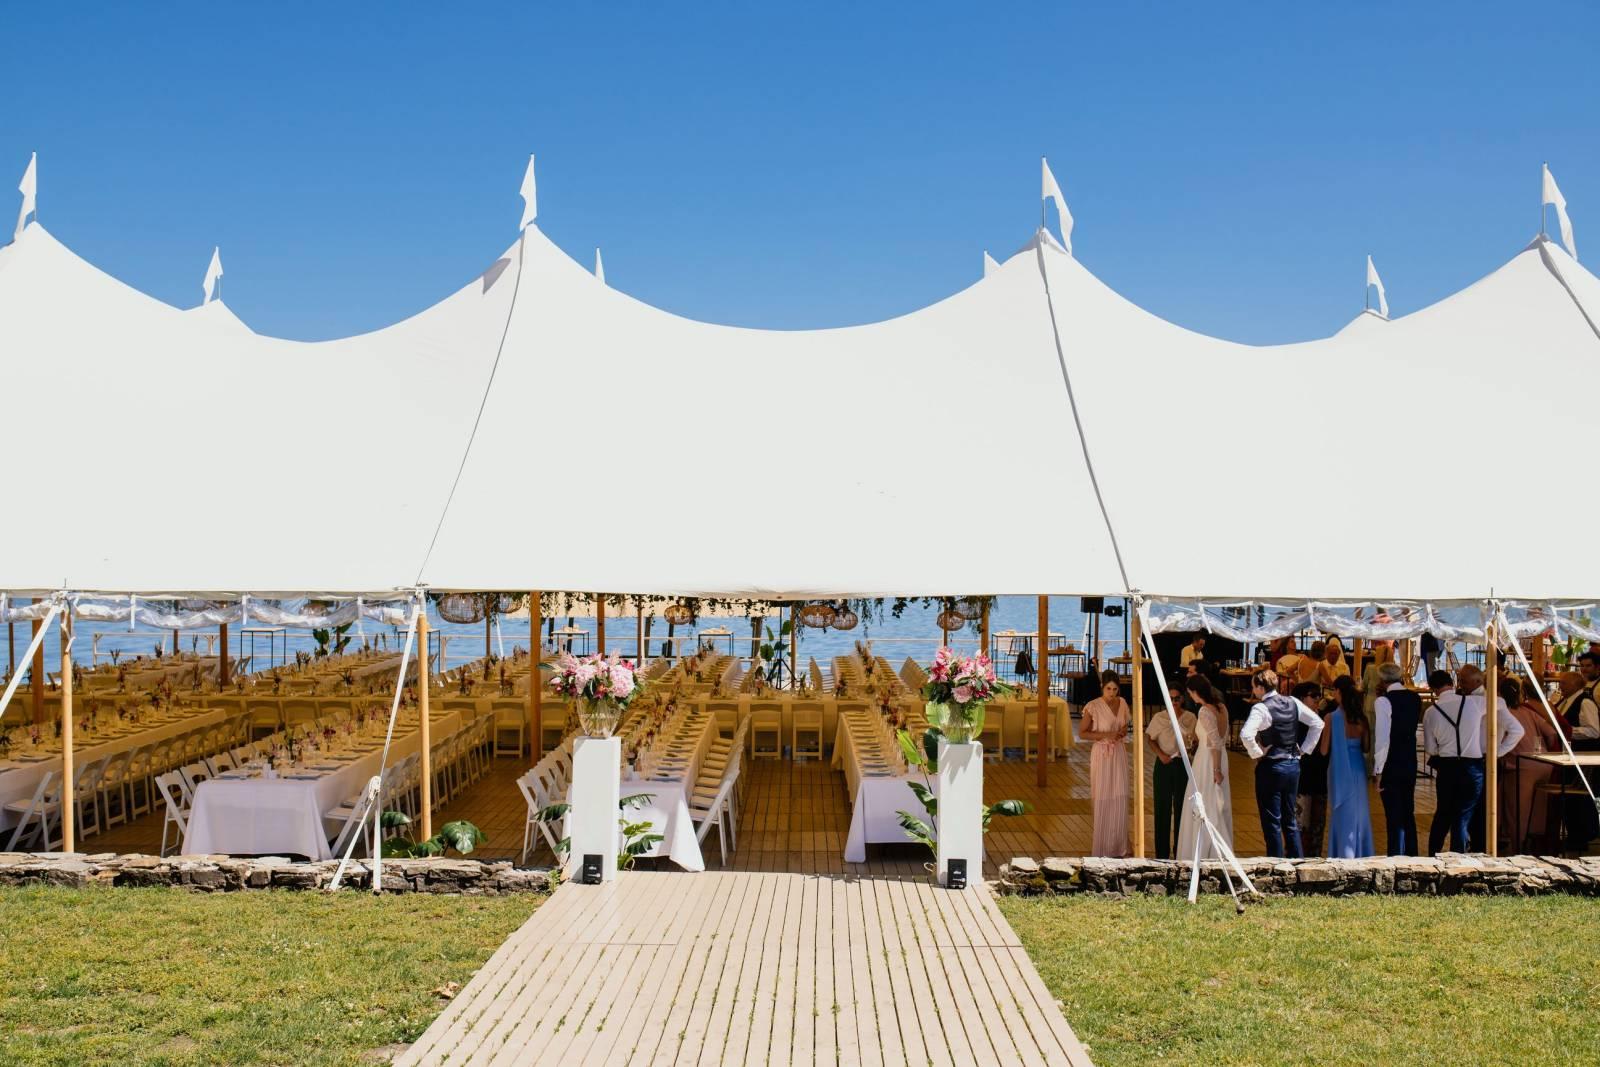 Altiro Tenten - Wedding Tent - Feesttent - Huwelijk trouw bruiloft - House of Weddings - 8